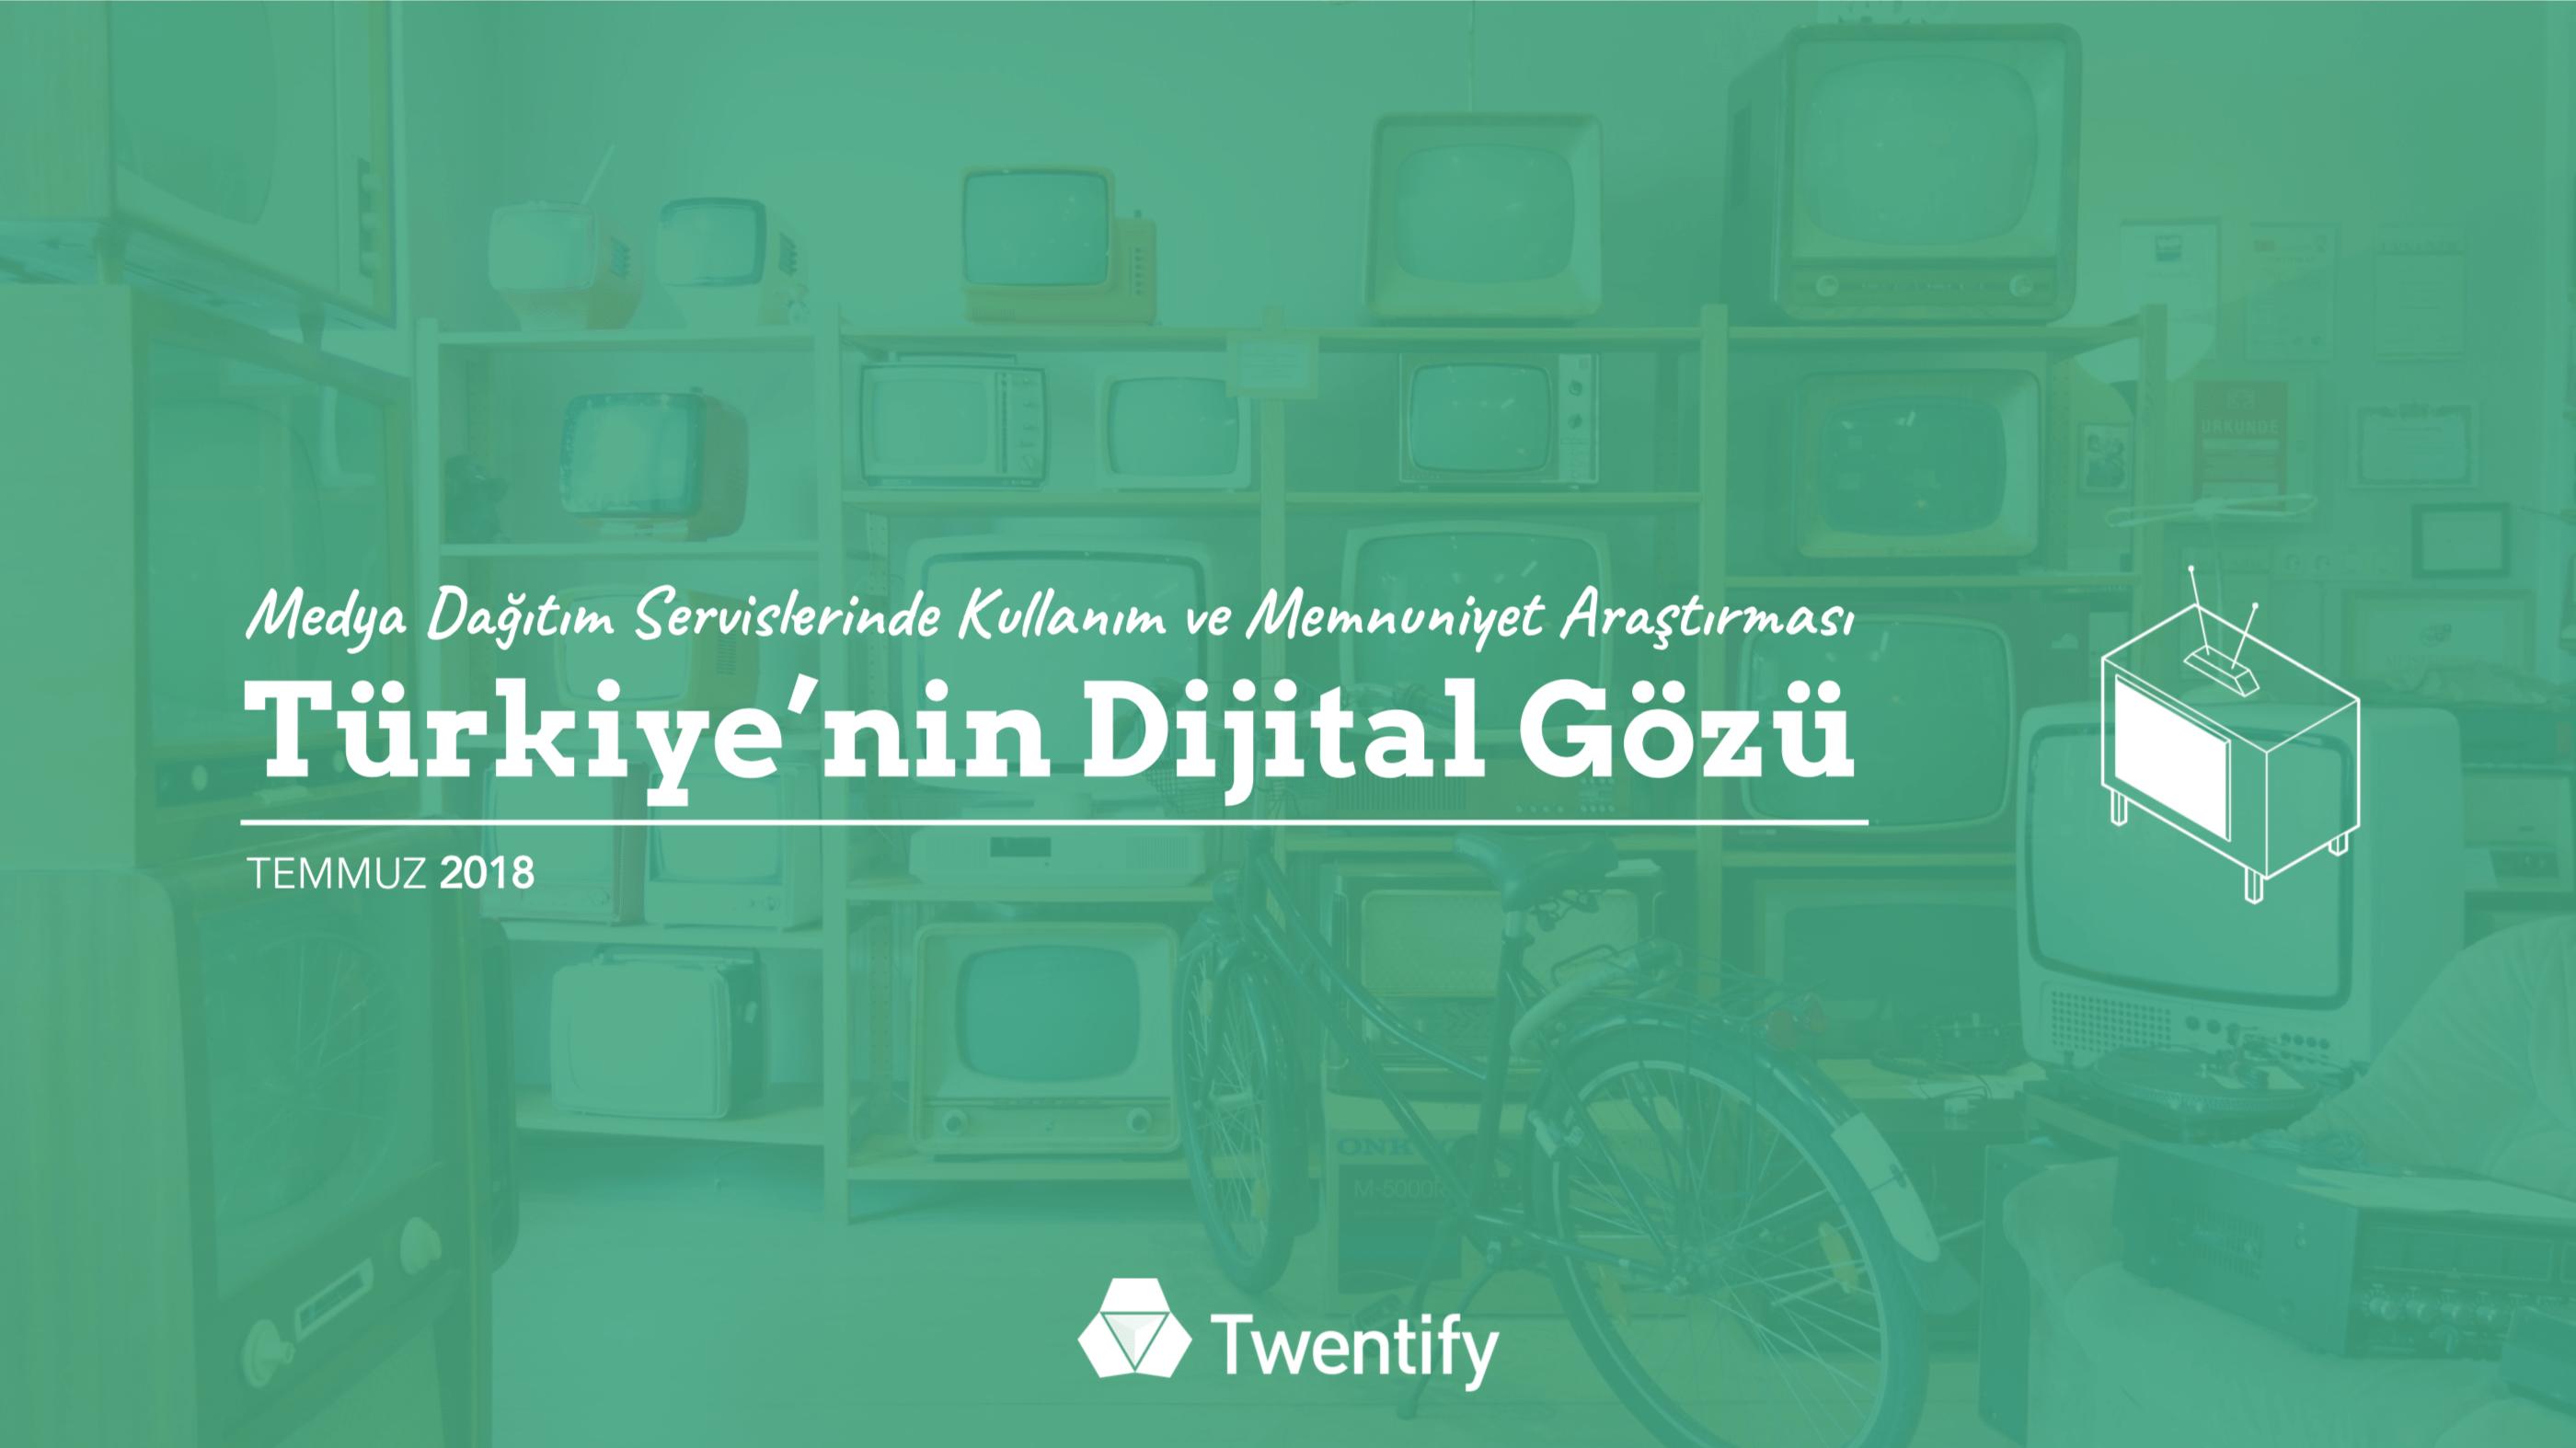 turkiyenin_dijital_gozu-cover